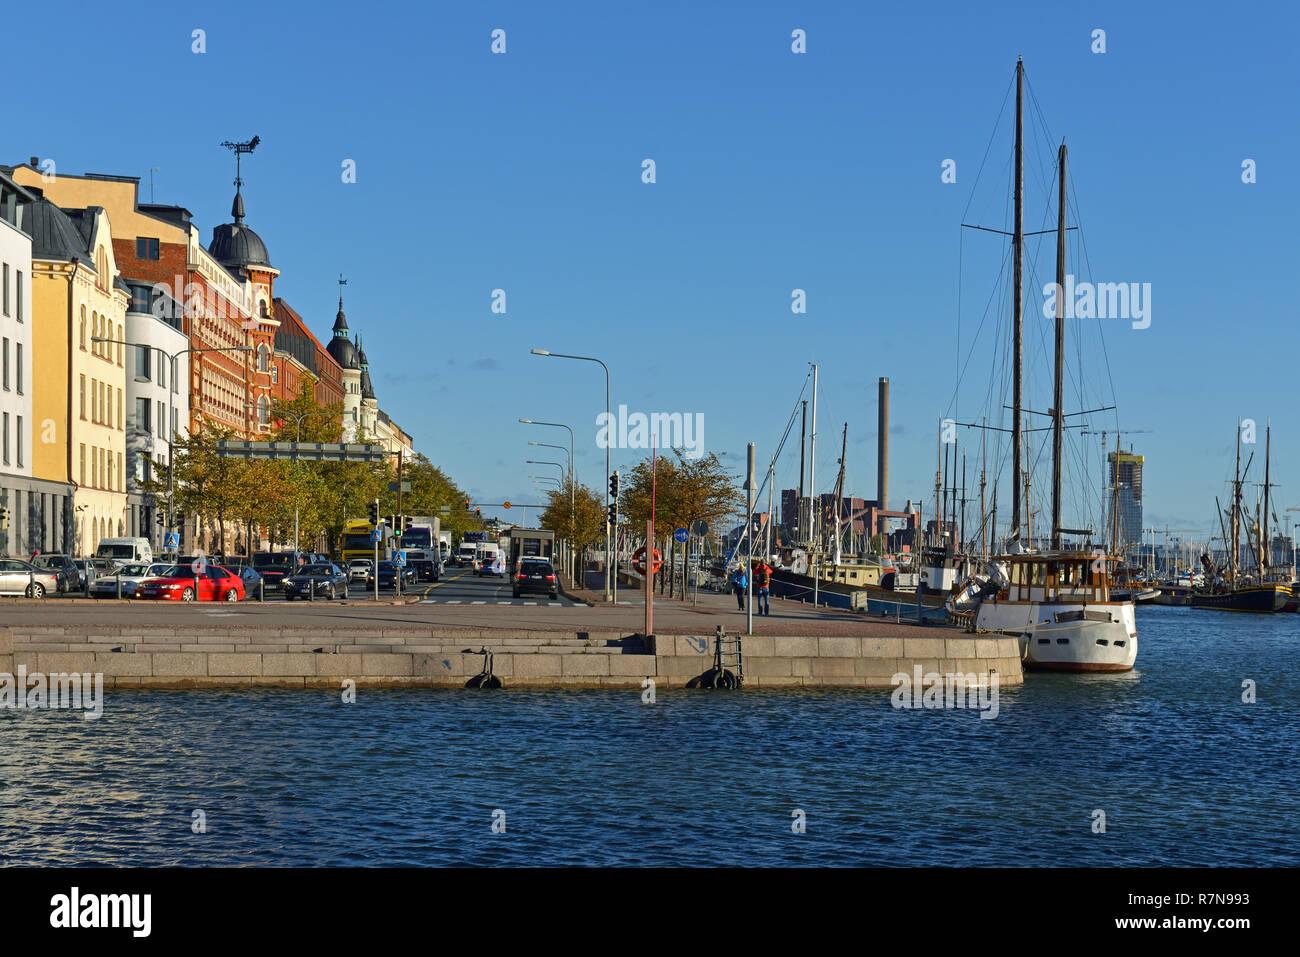 Pohjoisranta embankment, road and harbor with old yacht and ships. Katajanokka - Stock Image